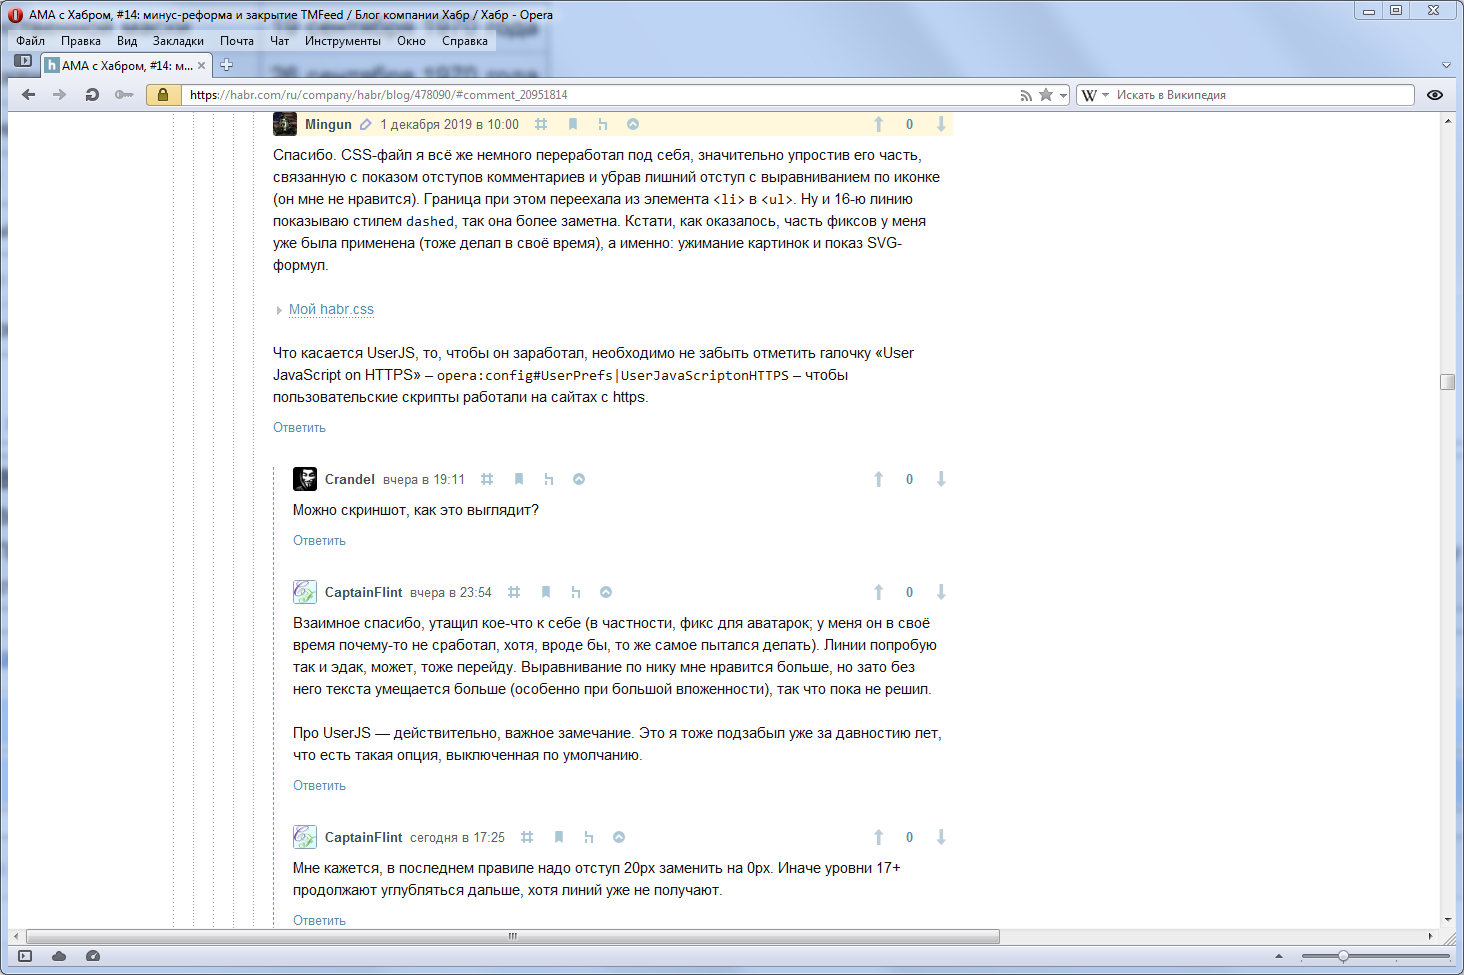 Отступы комментариев для хабрахабра в Opera 12